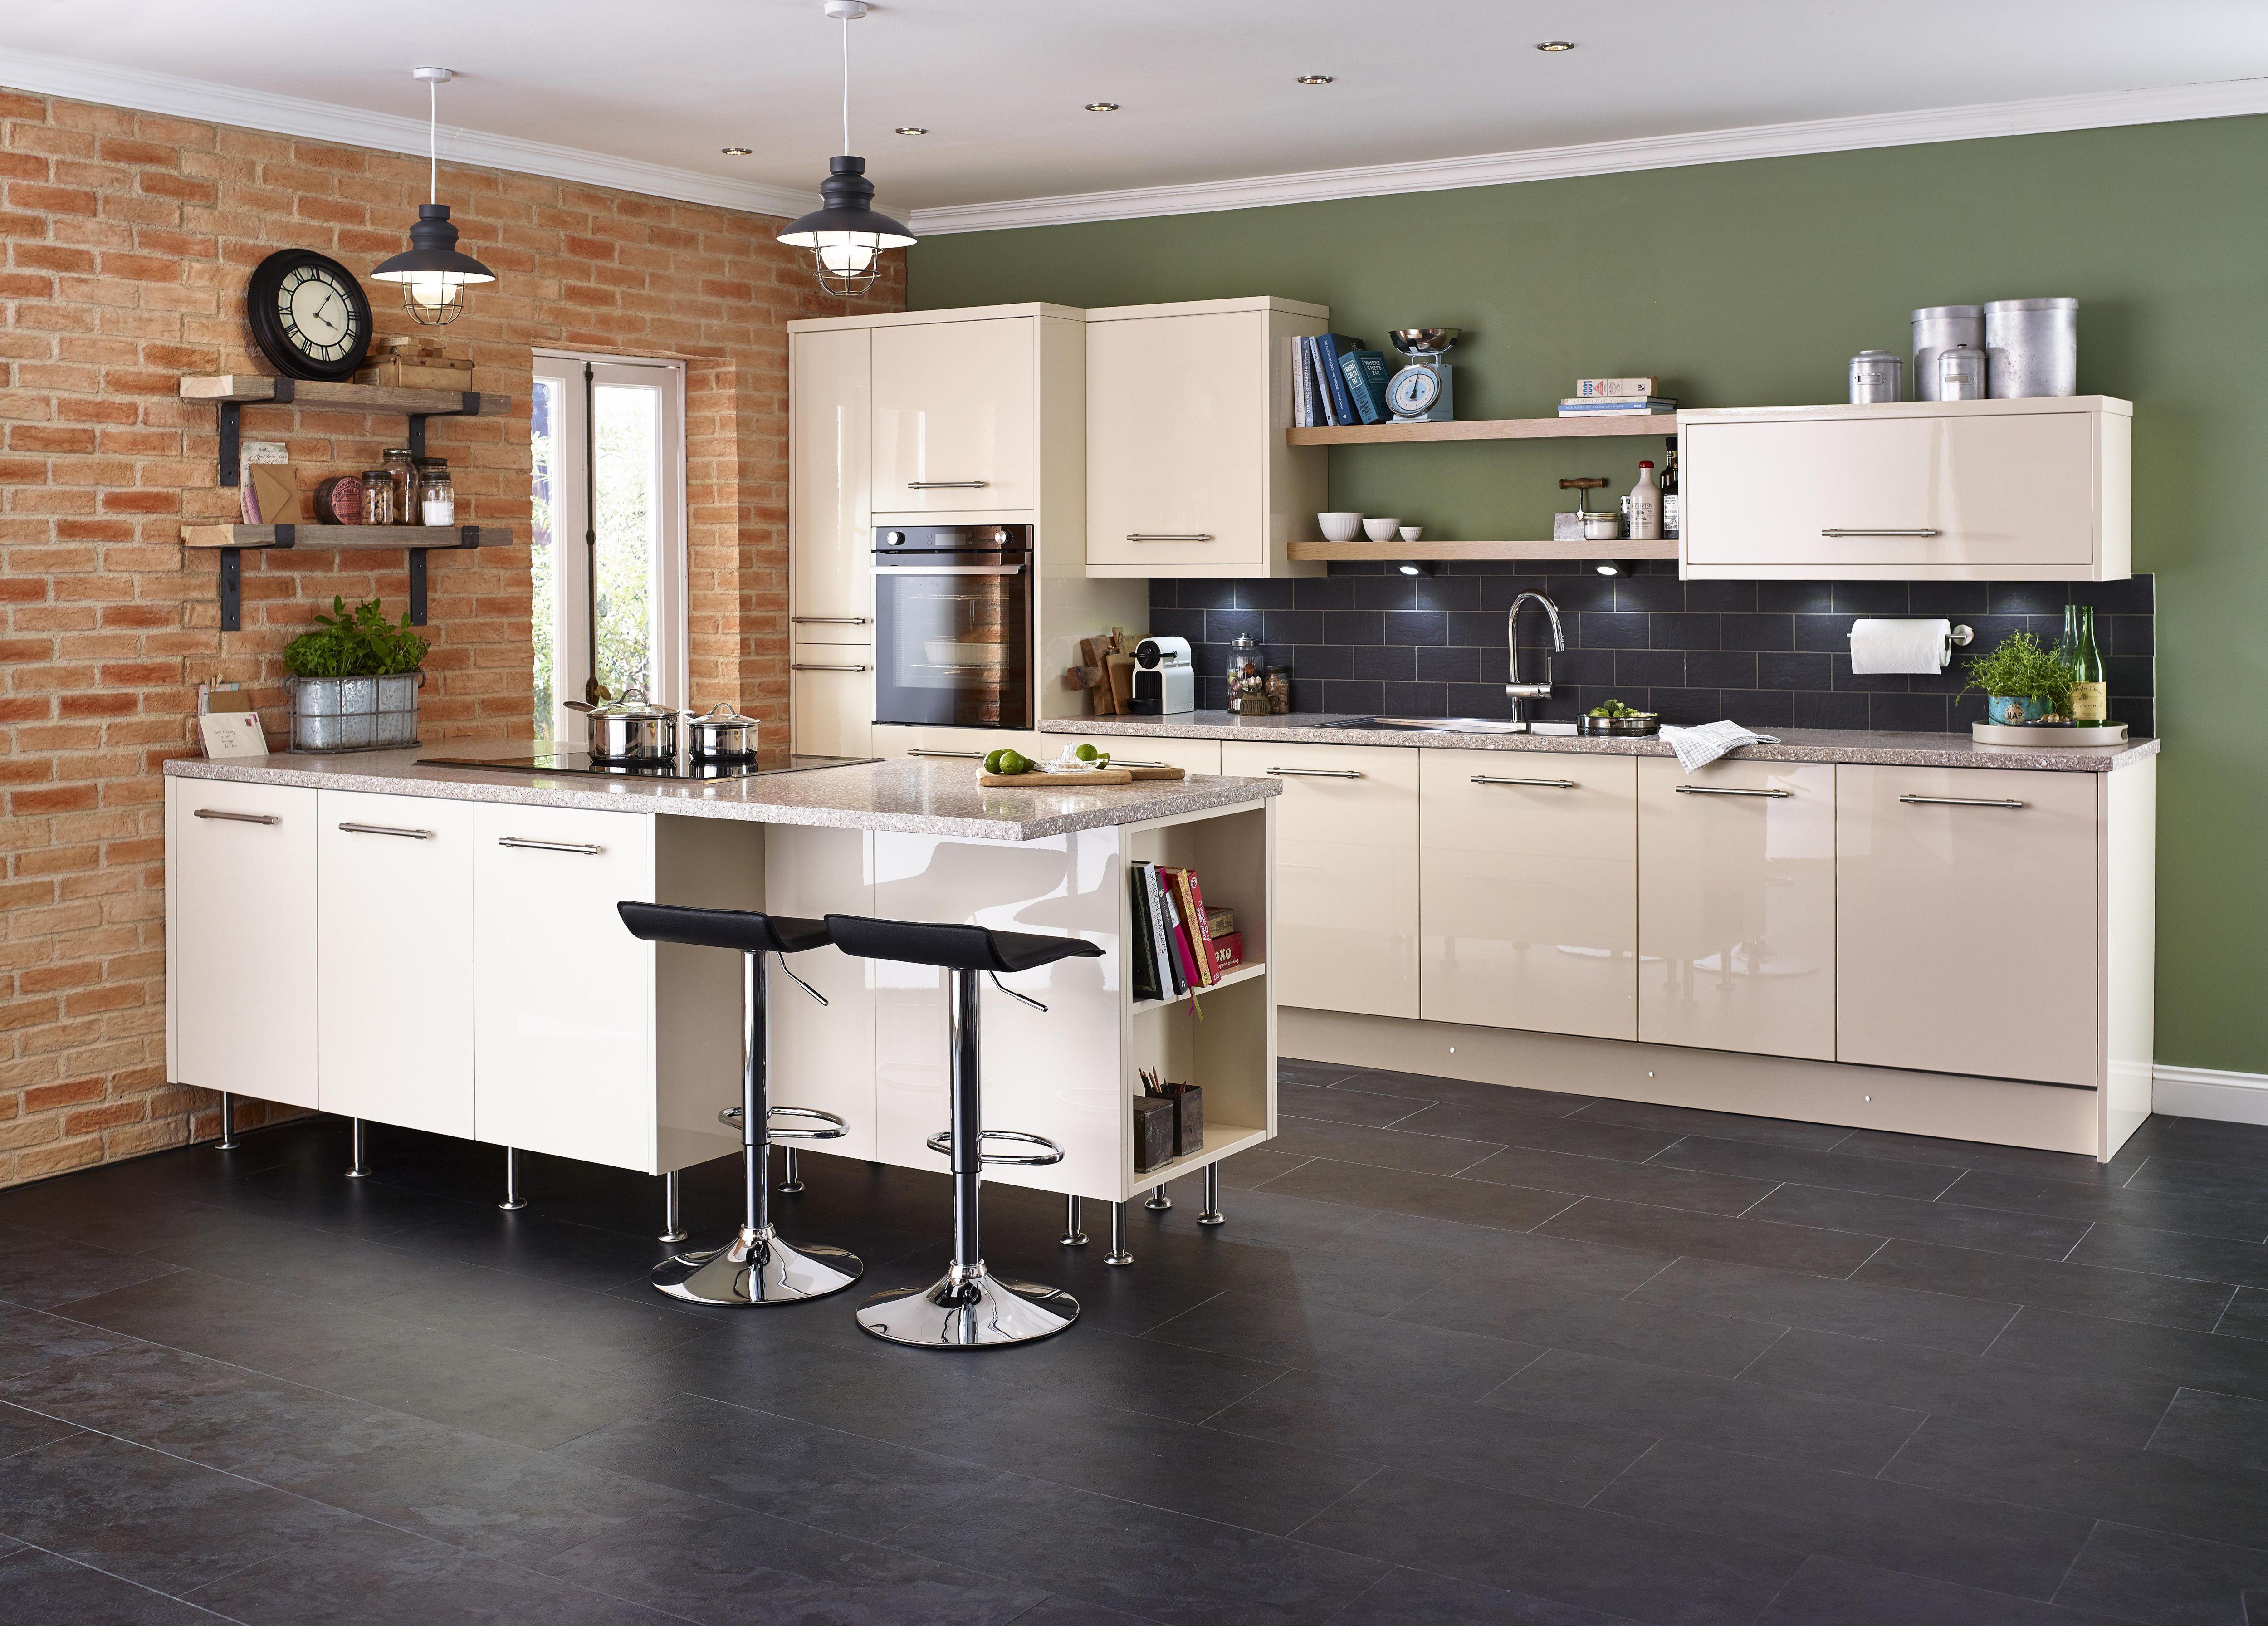 100 b q kitchen cabinets granite countertop kitchen for Kitchen cabinets b q